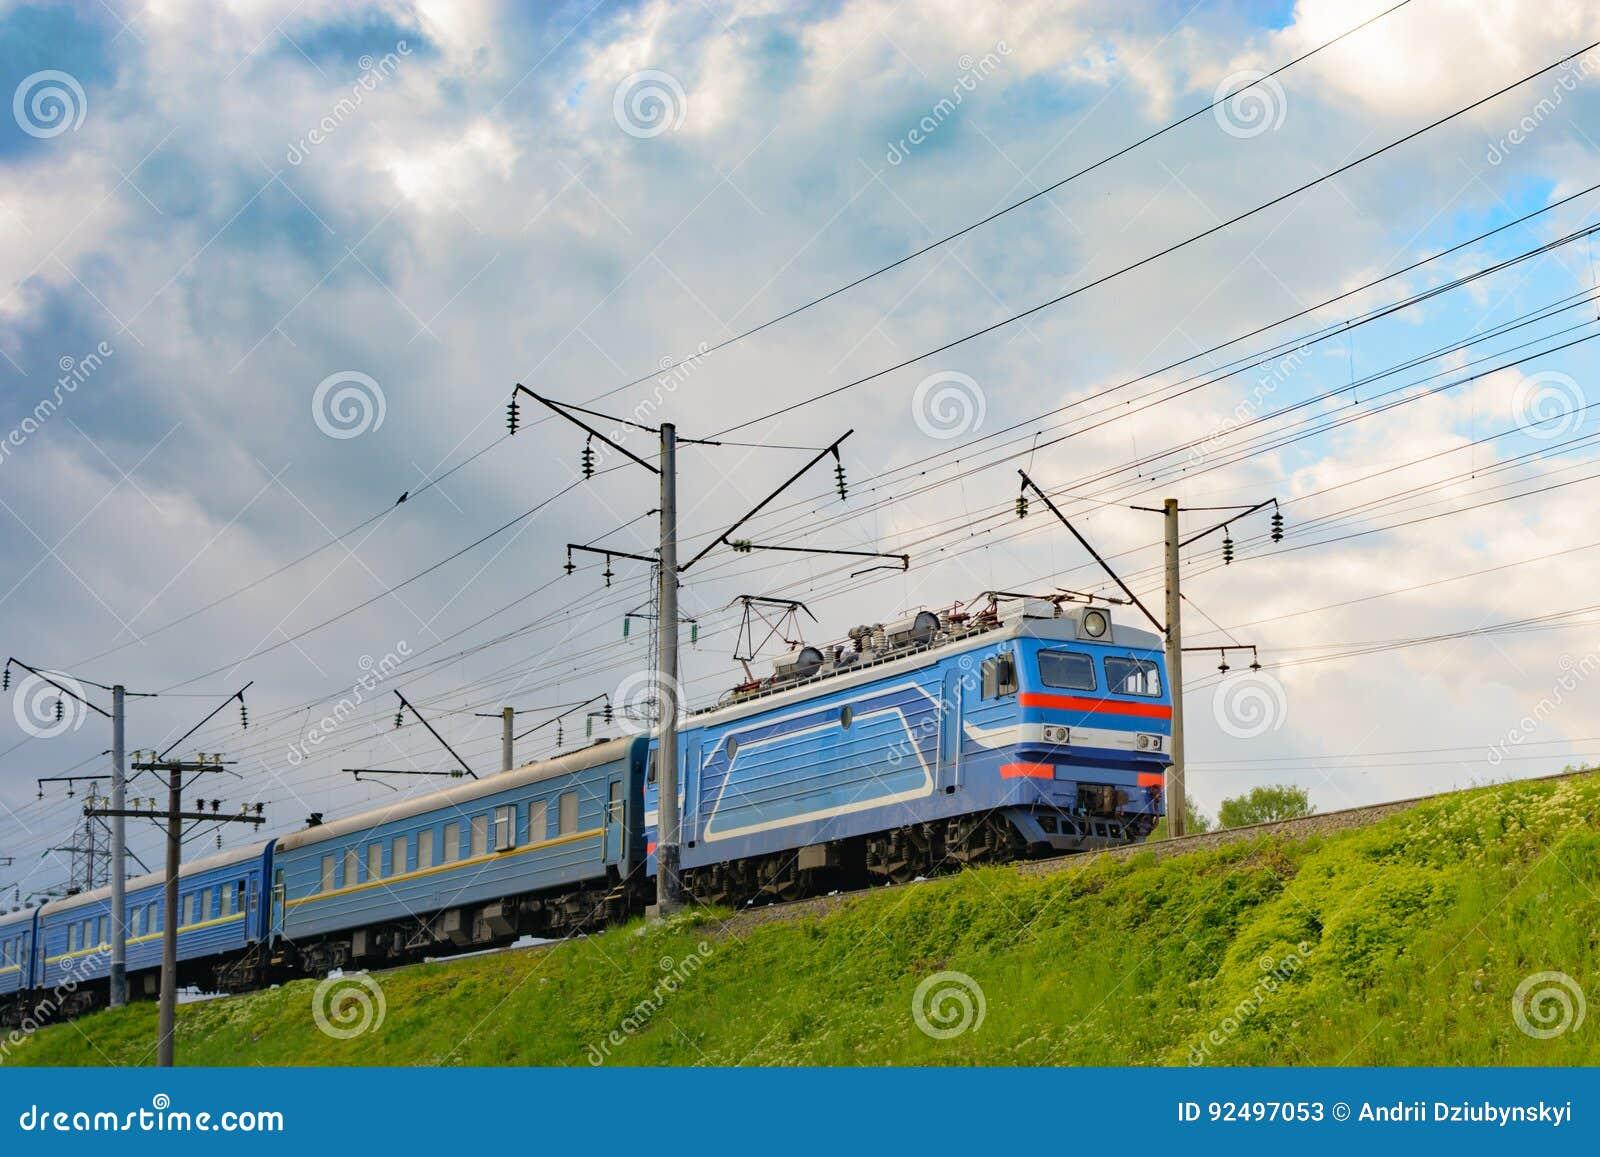 Le train de voyageurs monte sur une ligne électrifiée contre un ciel bleu